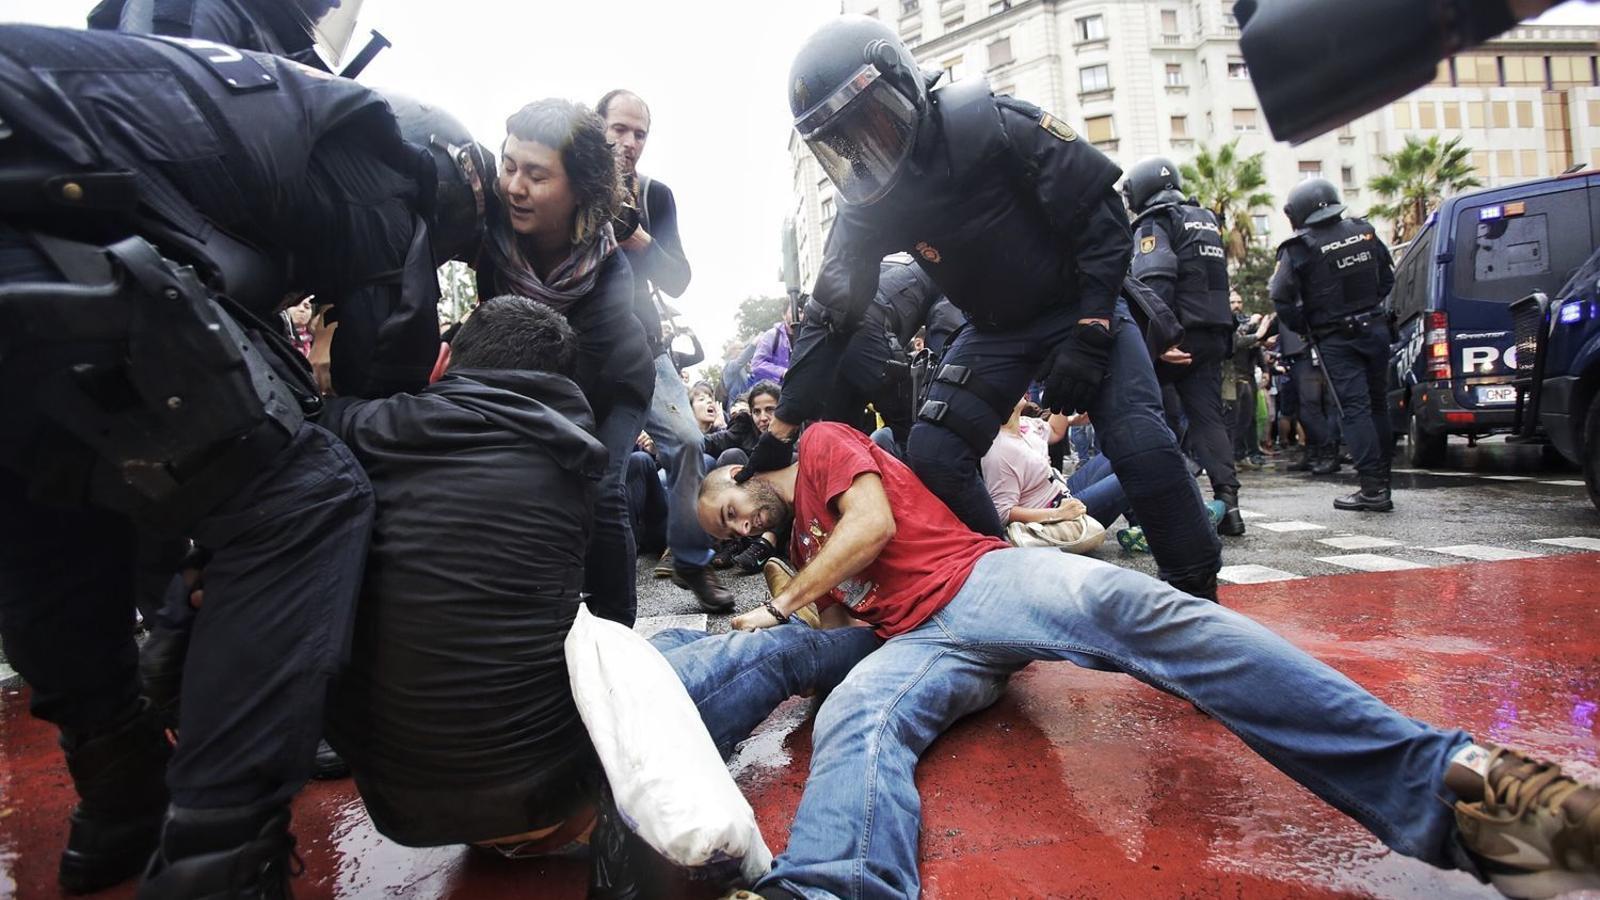 L'argumentari d'Espanya als mitjans dels EUA:  l'1-O hi va haver tres ferits i no hi ha presos polítics